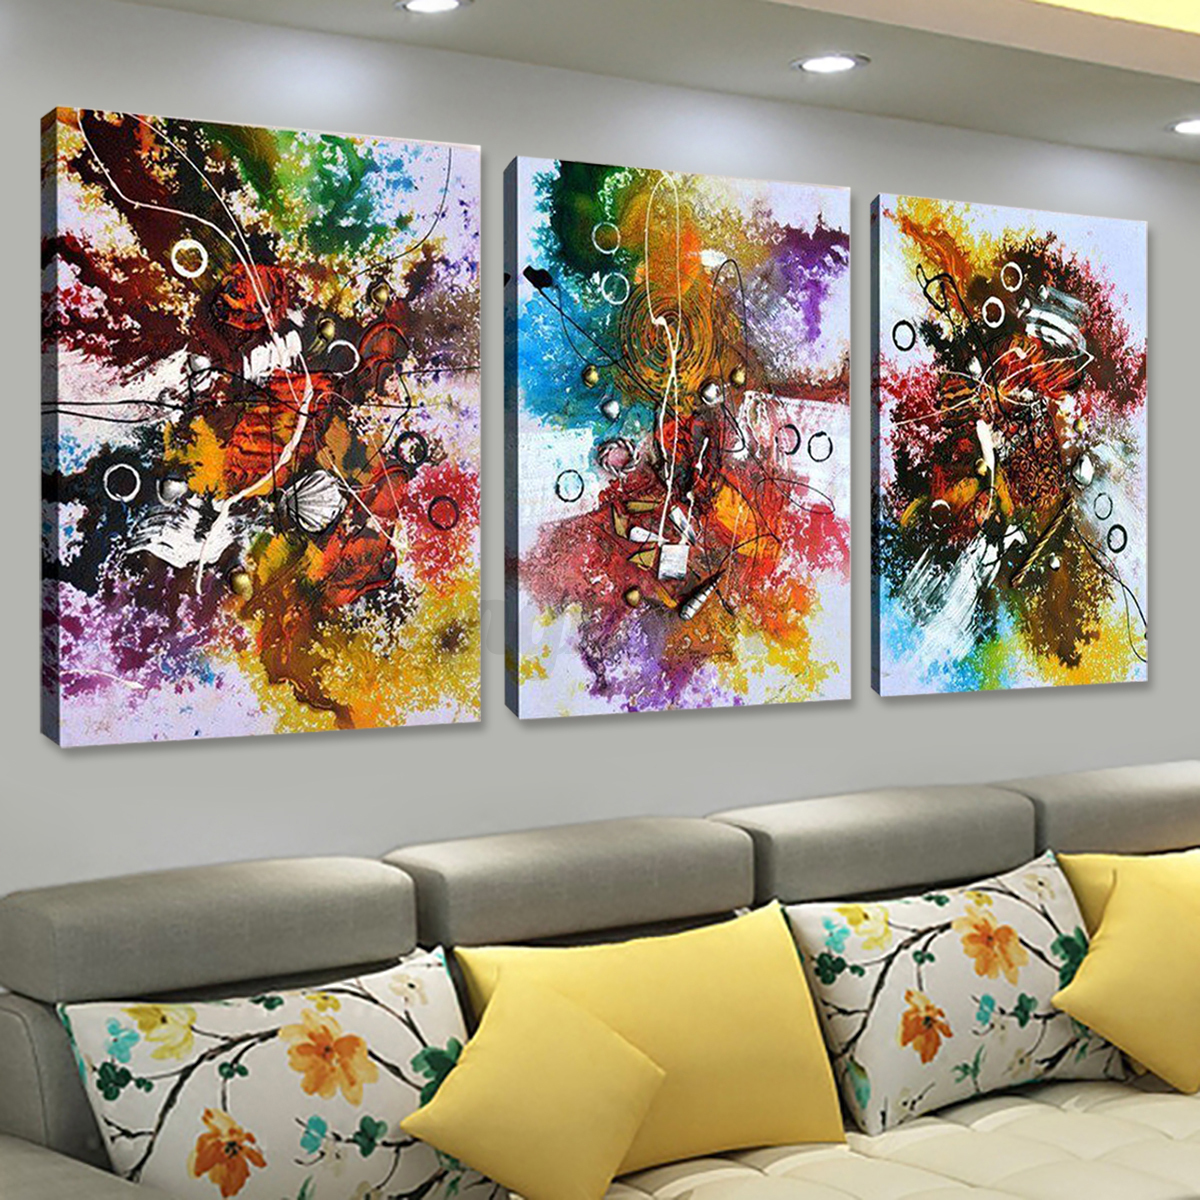 3pcs peinture l 39 huile tableau couleur abstraite art sur toile maison d cor eur 3 79. Black Bedroom Furniture Sets. Home Design Ideas